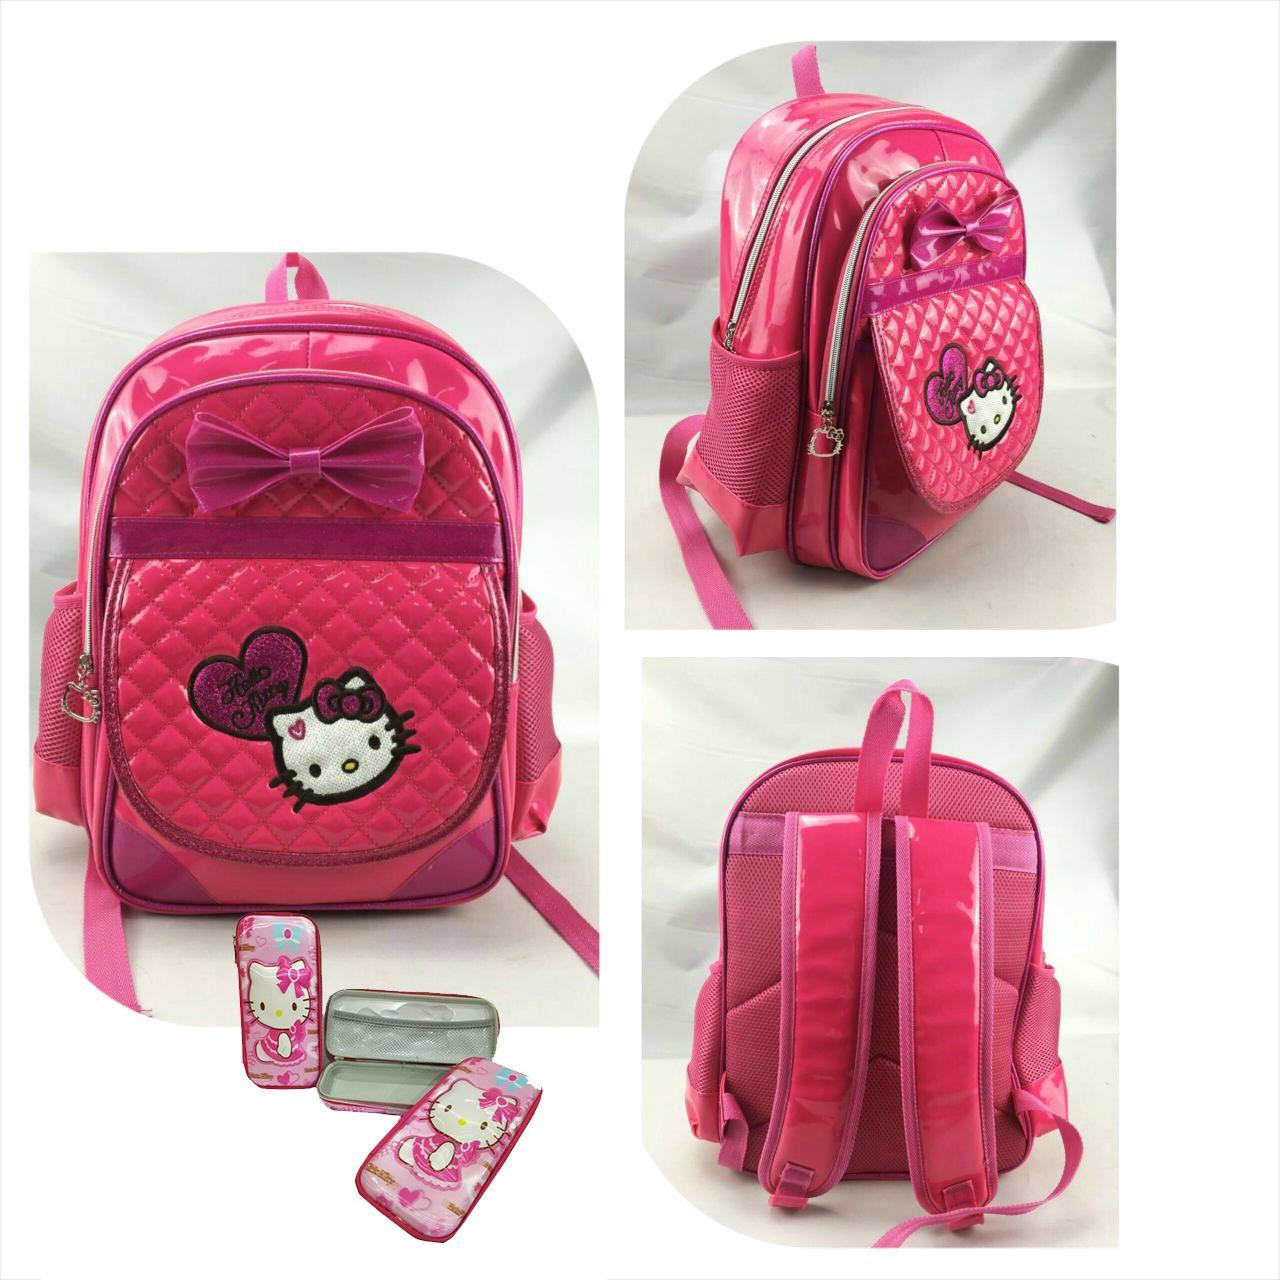 Spek Onlan Tas Ransel Anak Perempuan Ukuran Sd Import Dan Kotak Pensil Timbul Pink